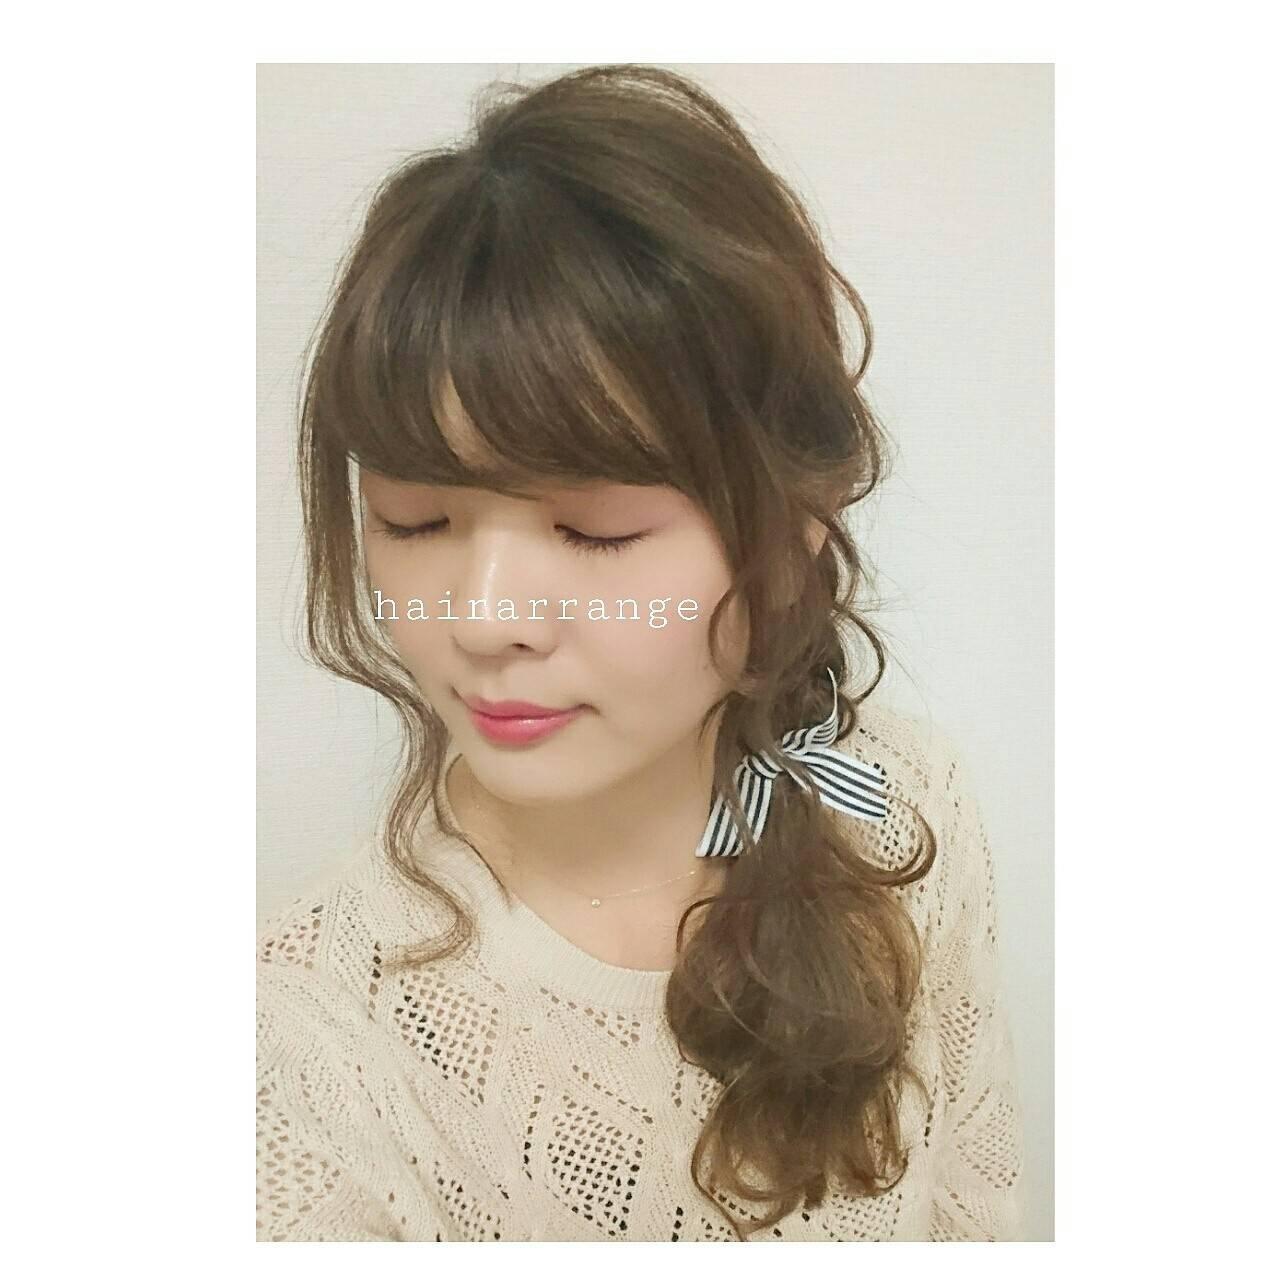 シニヨン ナチュラル セルフヘアアレンジ ヘアアレンジヘアスタイルや髪型の写真・画像